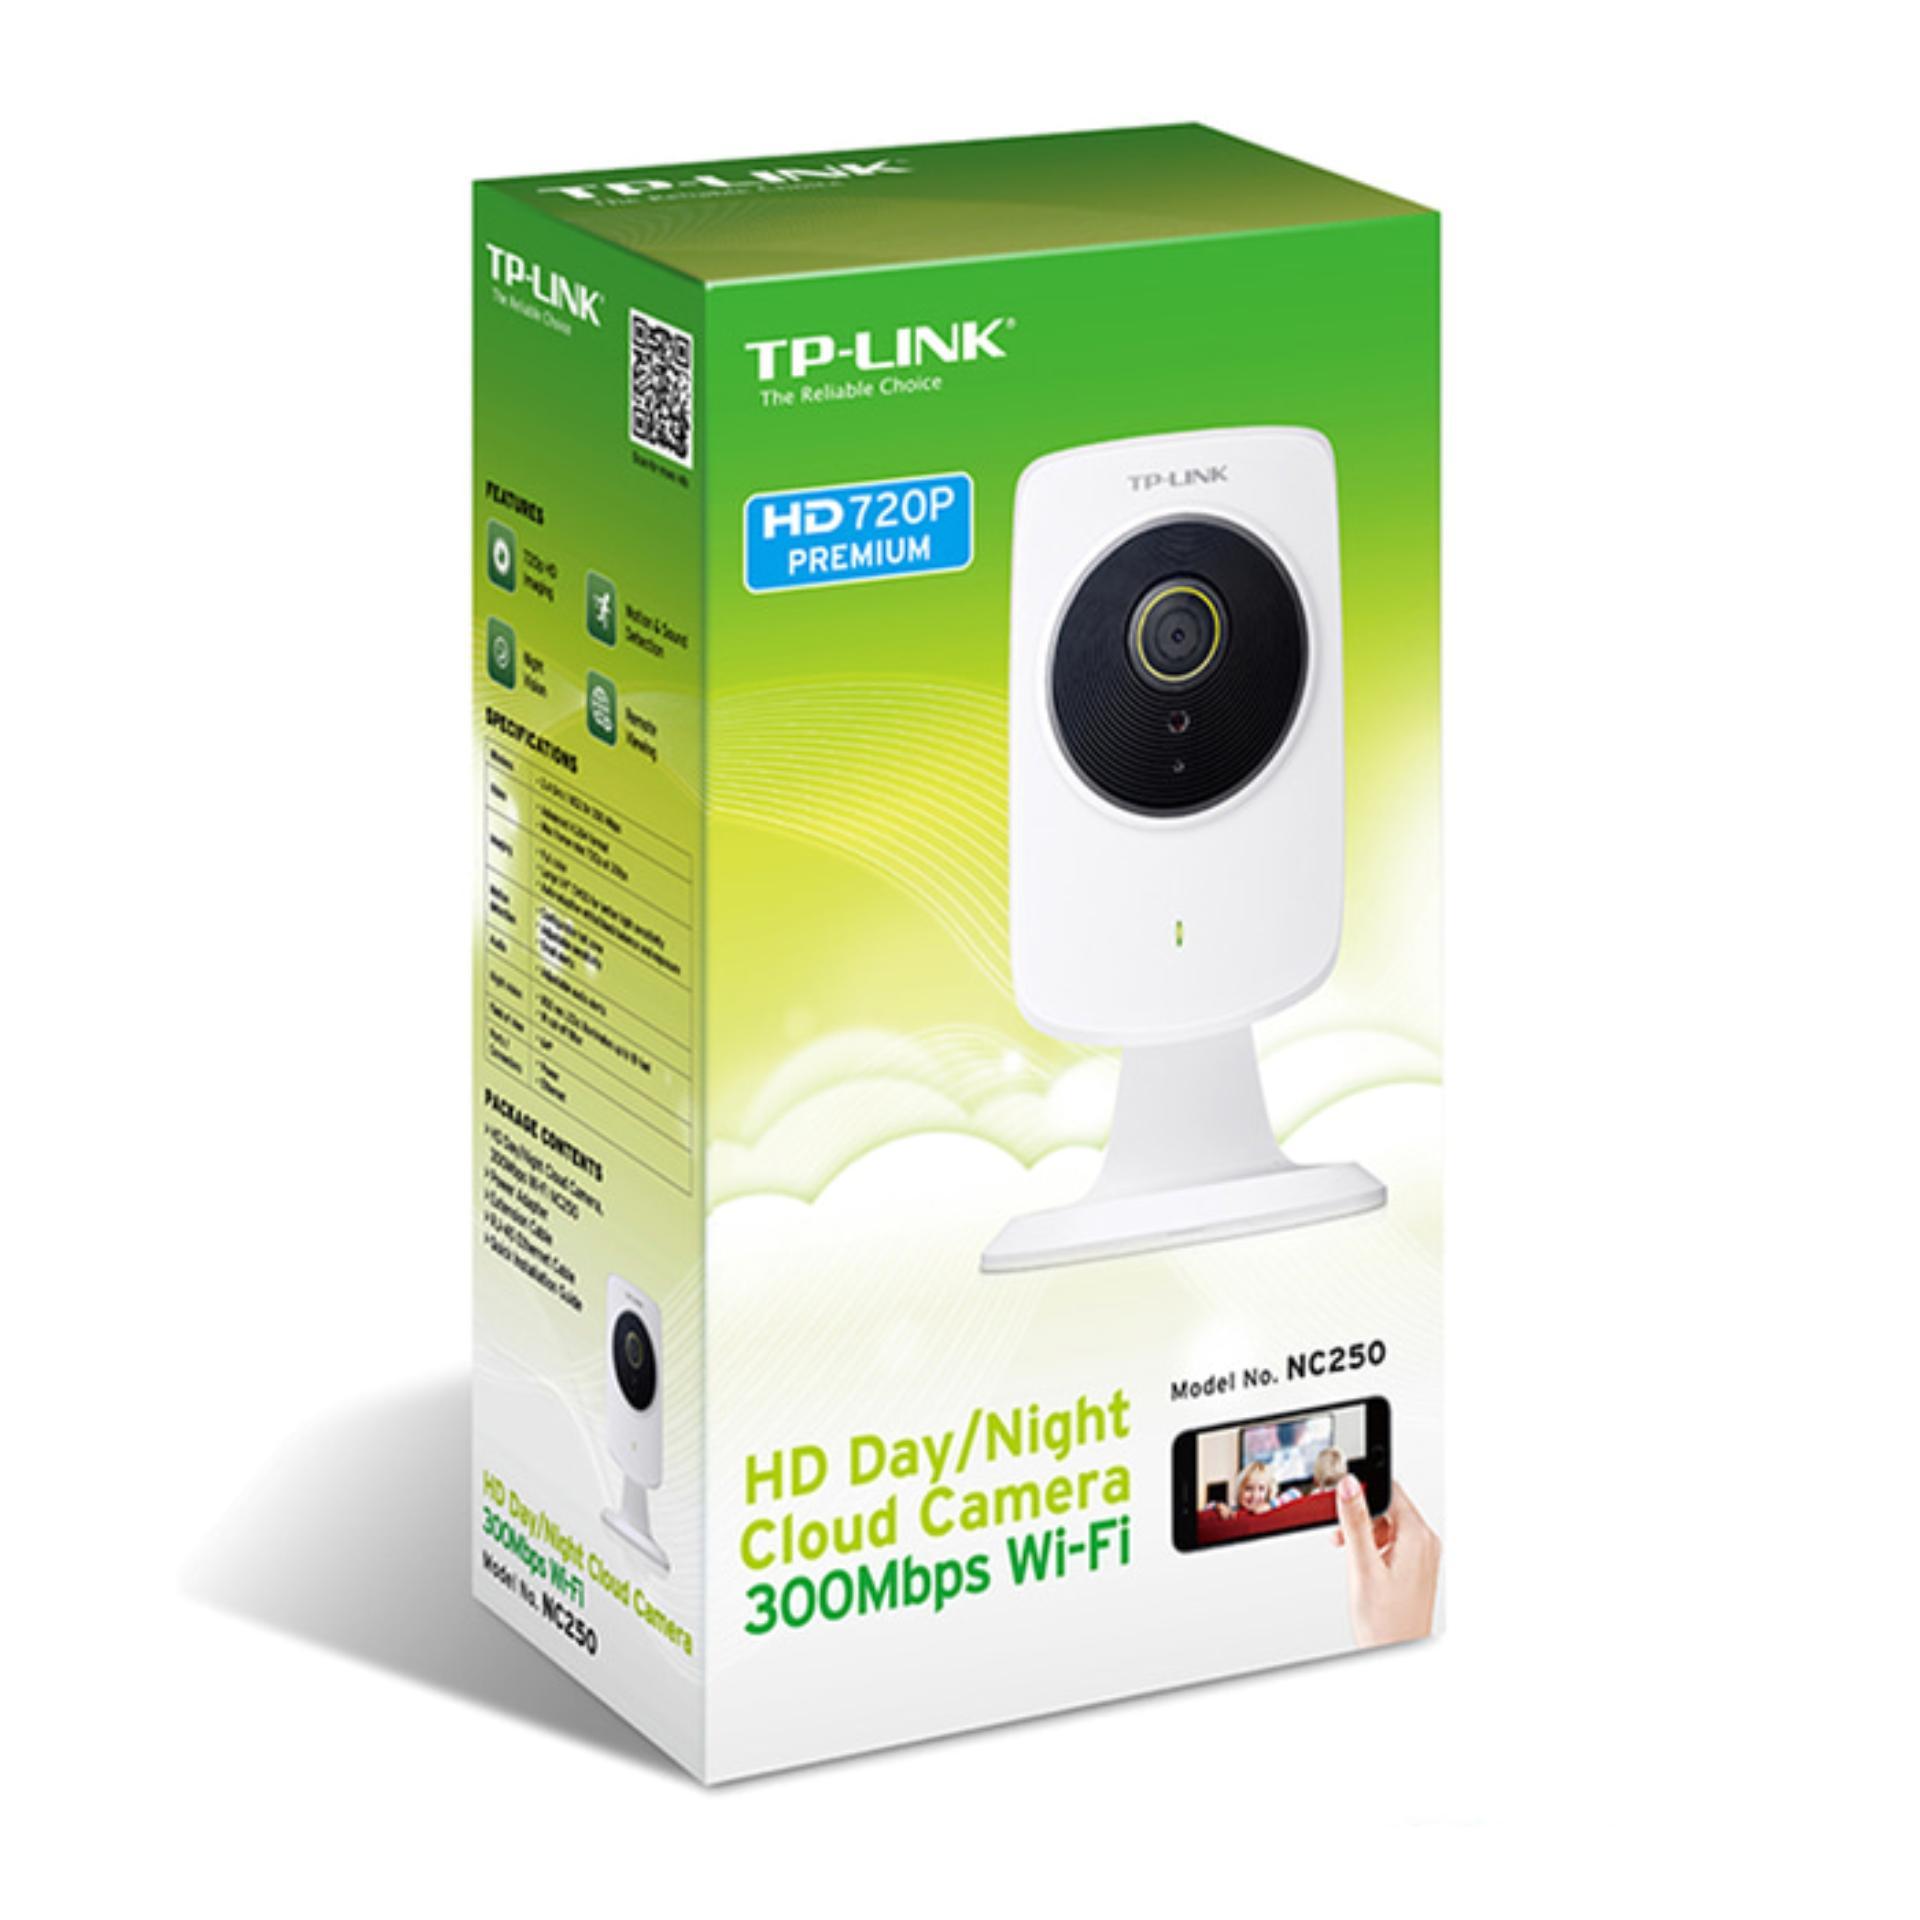 TP-Link NC250 - TPLink WiFi Wireless HD Day/Night Cloud Camera Kamera